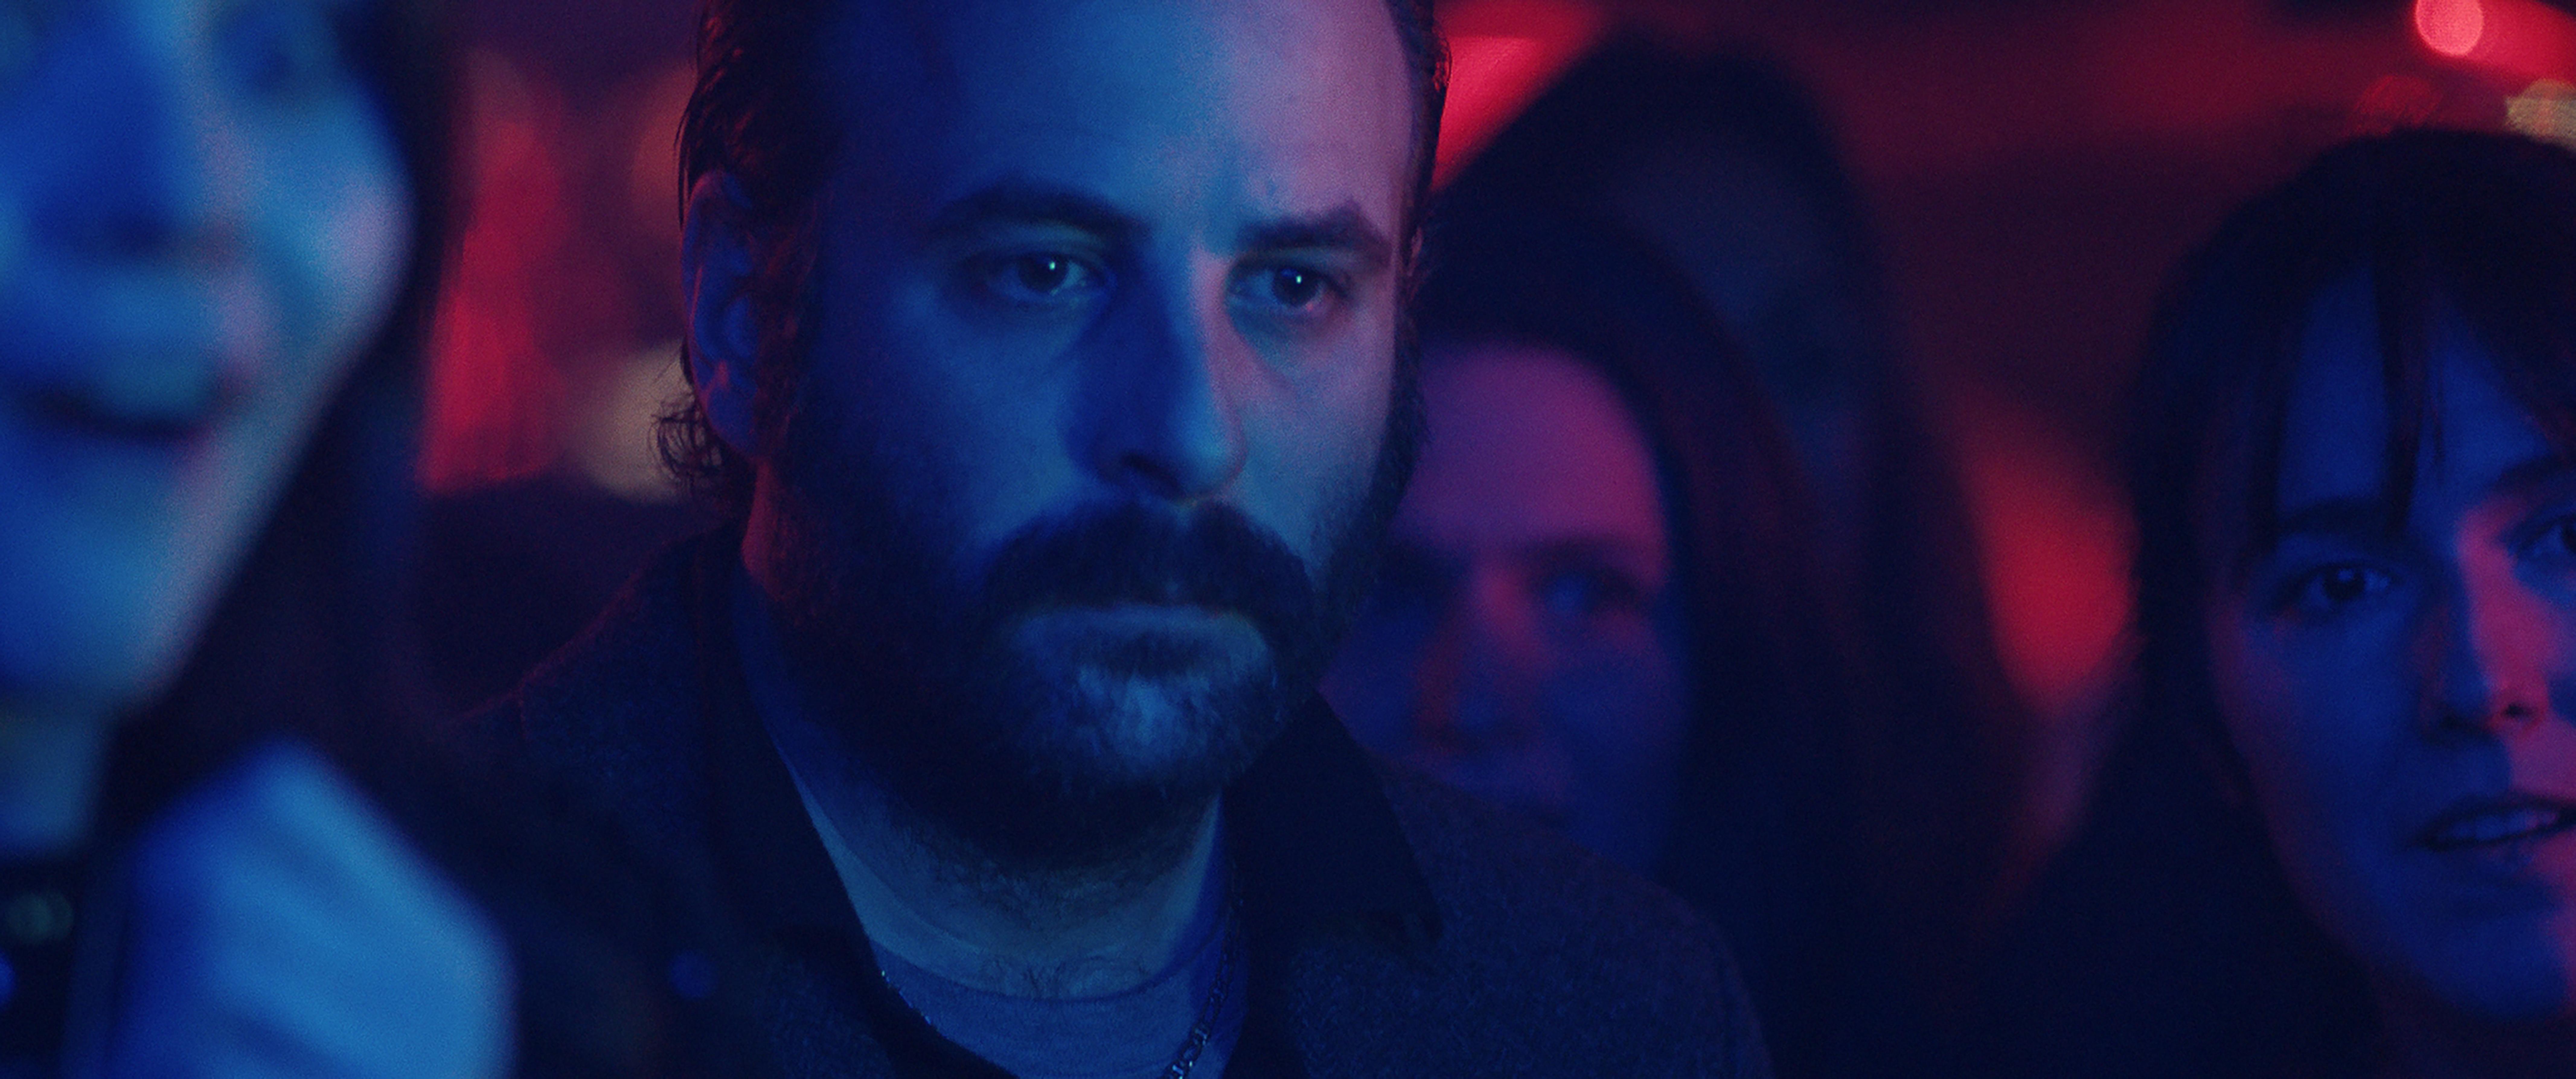 MEDECIN_DE_NUIT_Photo_1╕Partizan Films 2020